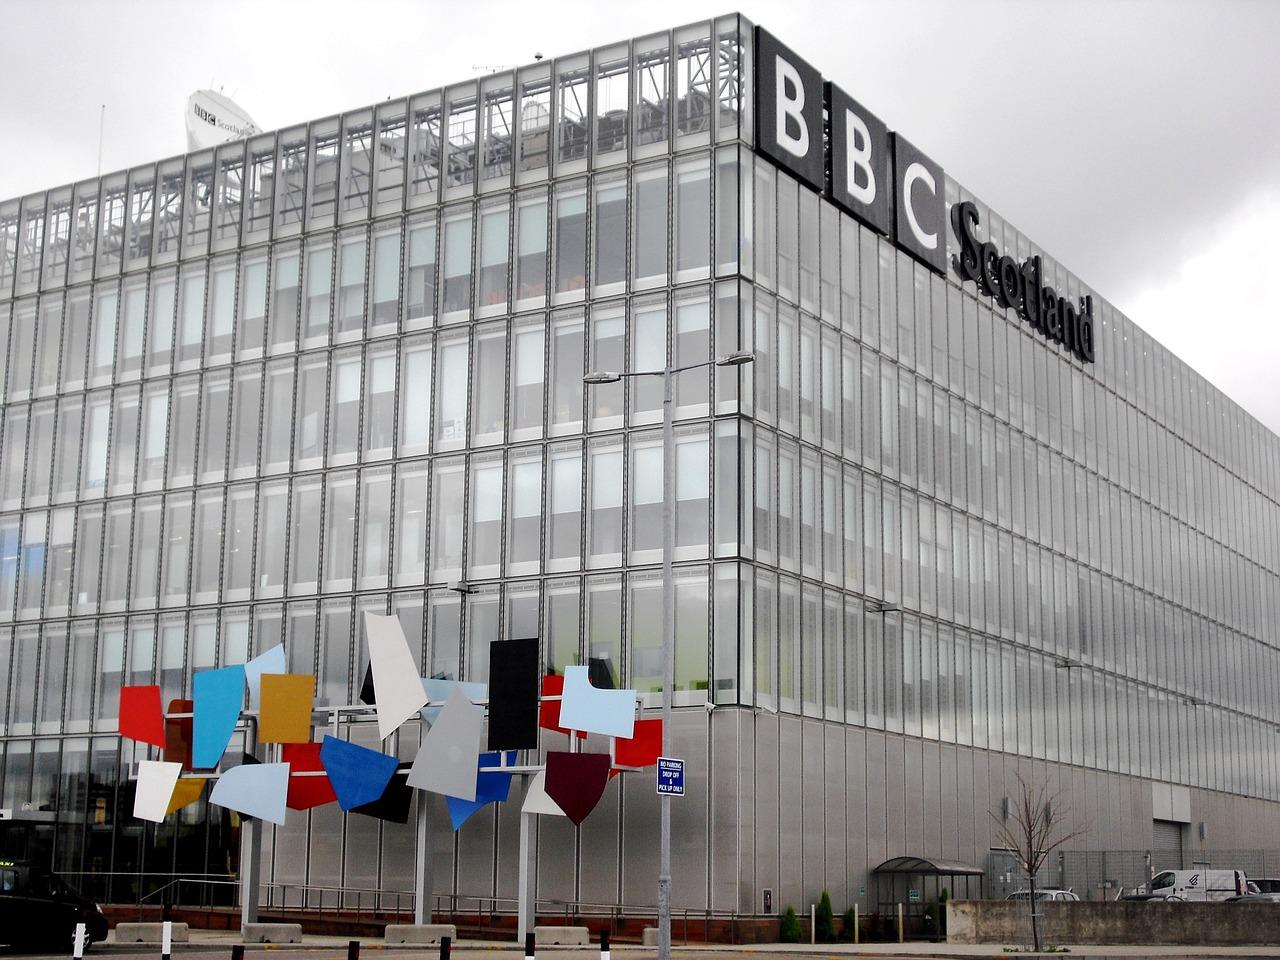 bbc-960987_1280